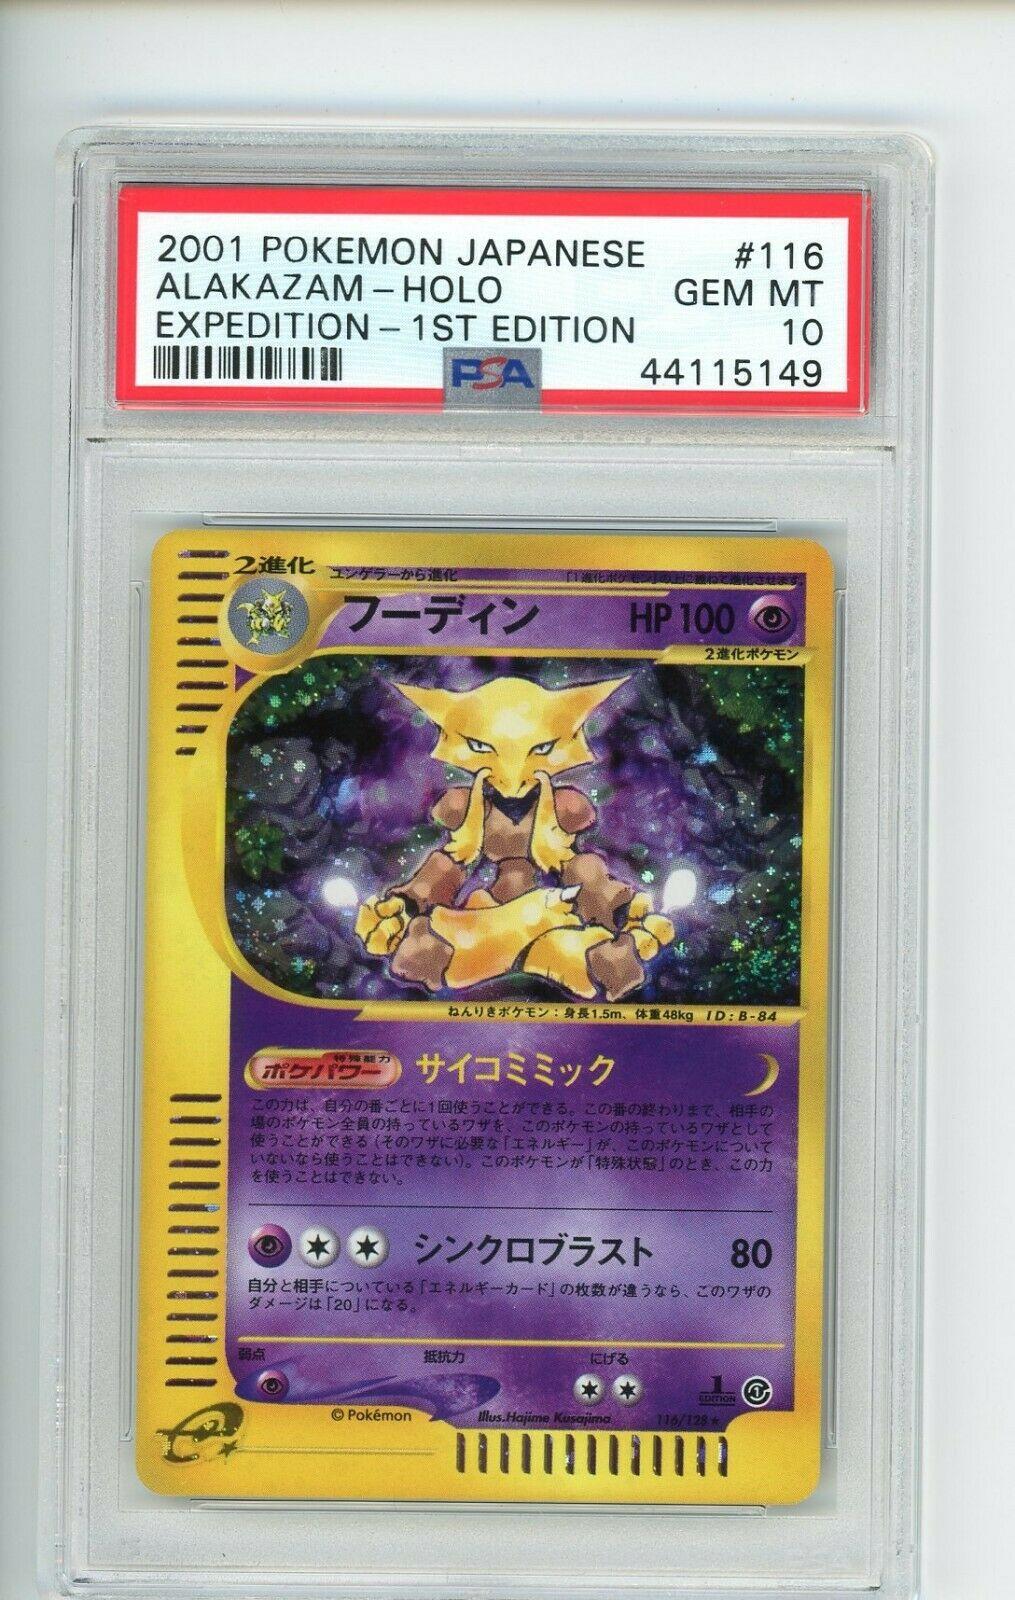 PSA 10 POKEMON JAPANESE ALAKAZAM 116128 CARD 2001 1ST ED ESERIES EXPEDITION